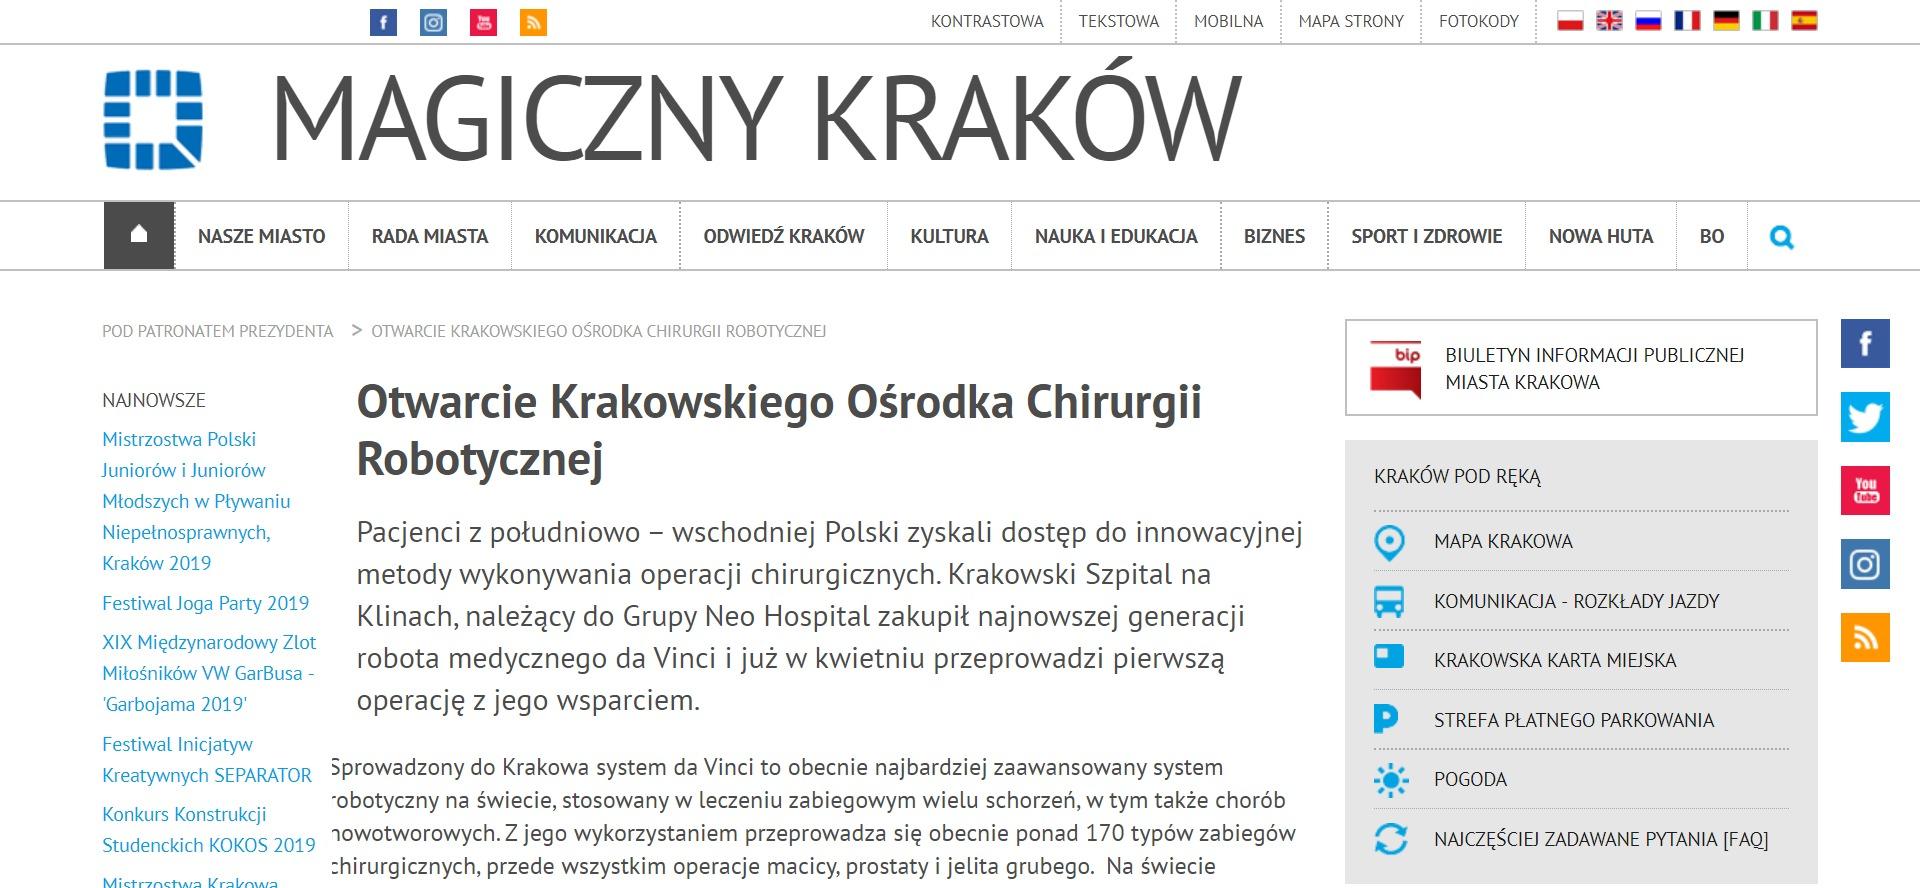 Otwarcie Krakowskiego Ośrodka Chirurgii Robotycznej